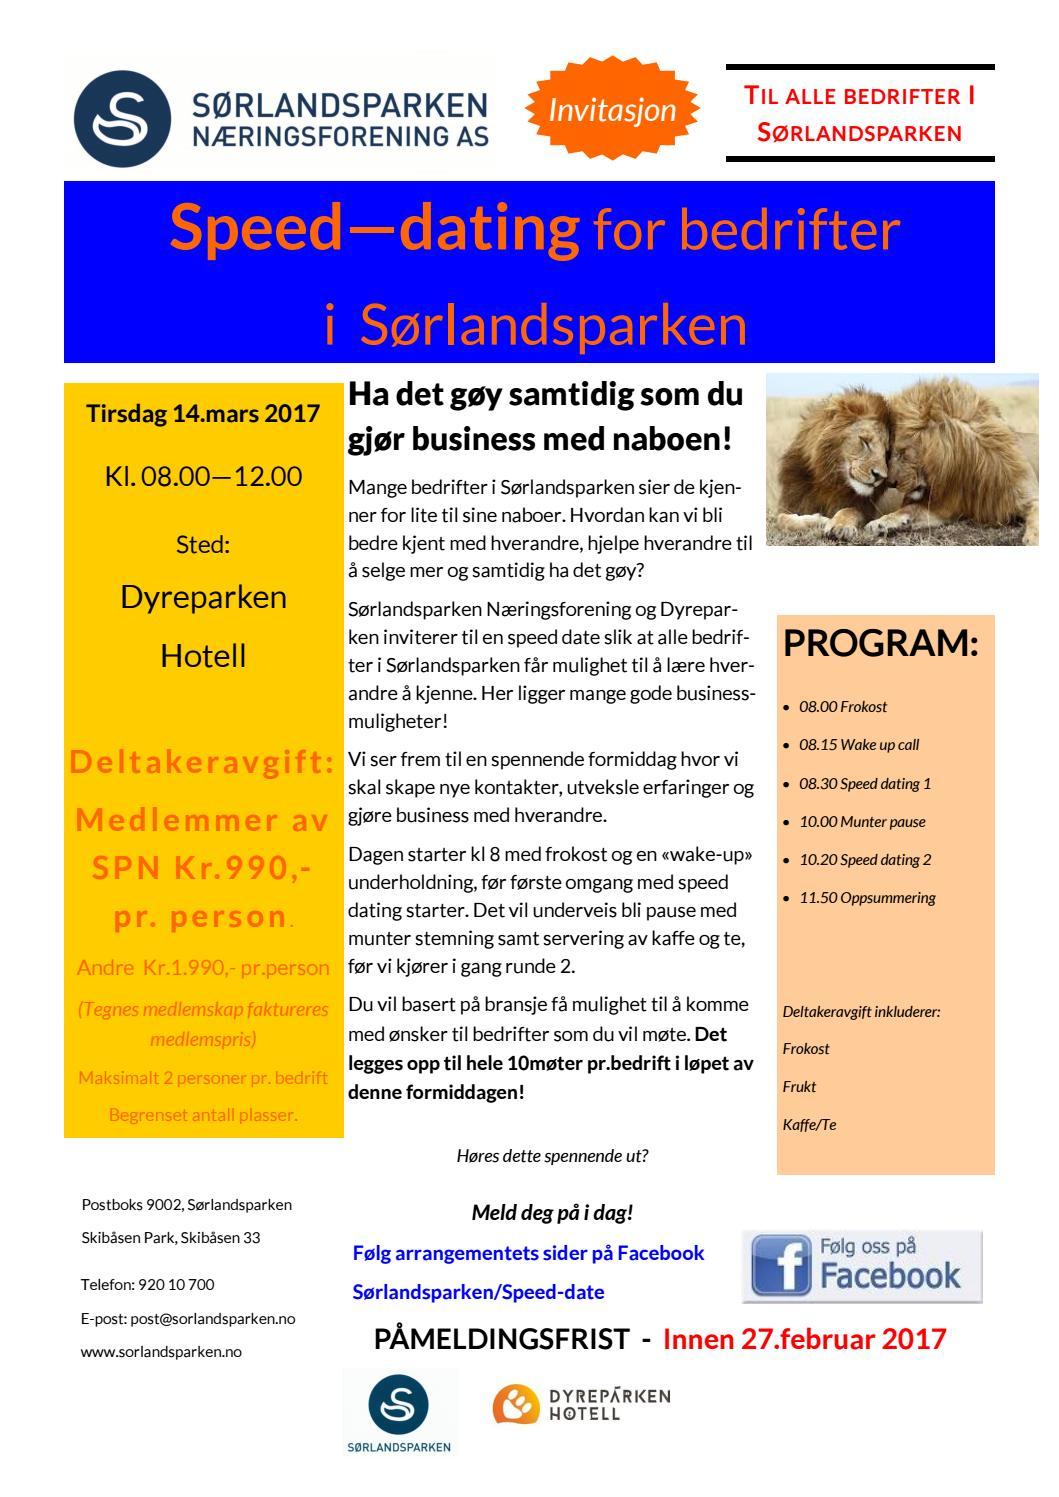 Hastighet dating invitasjon